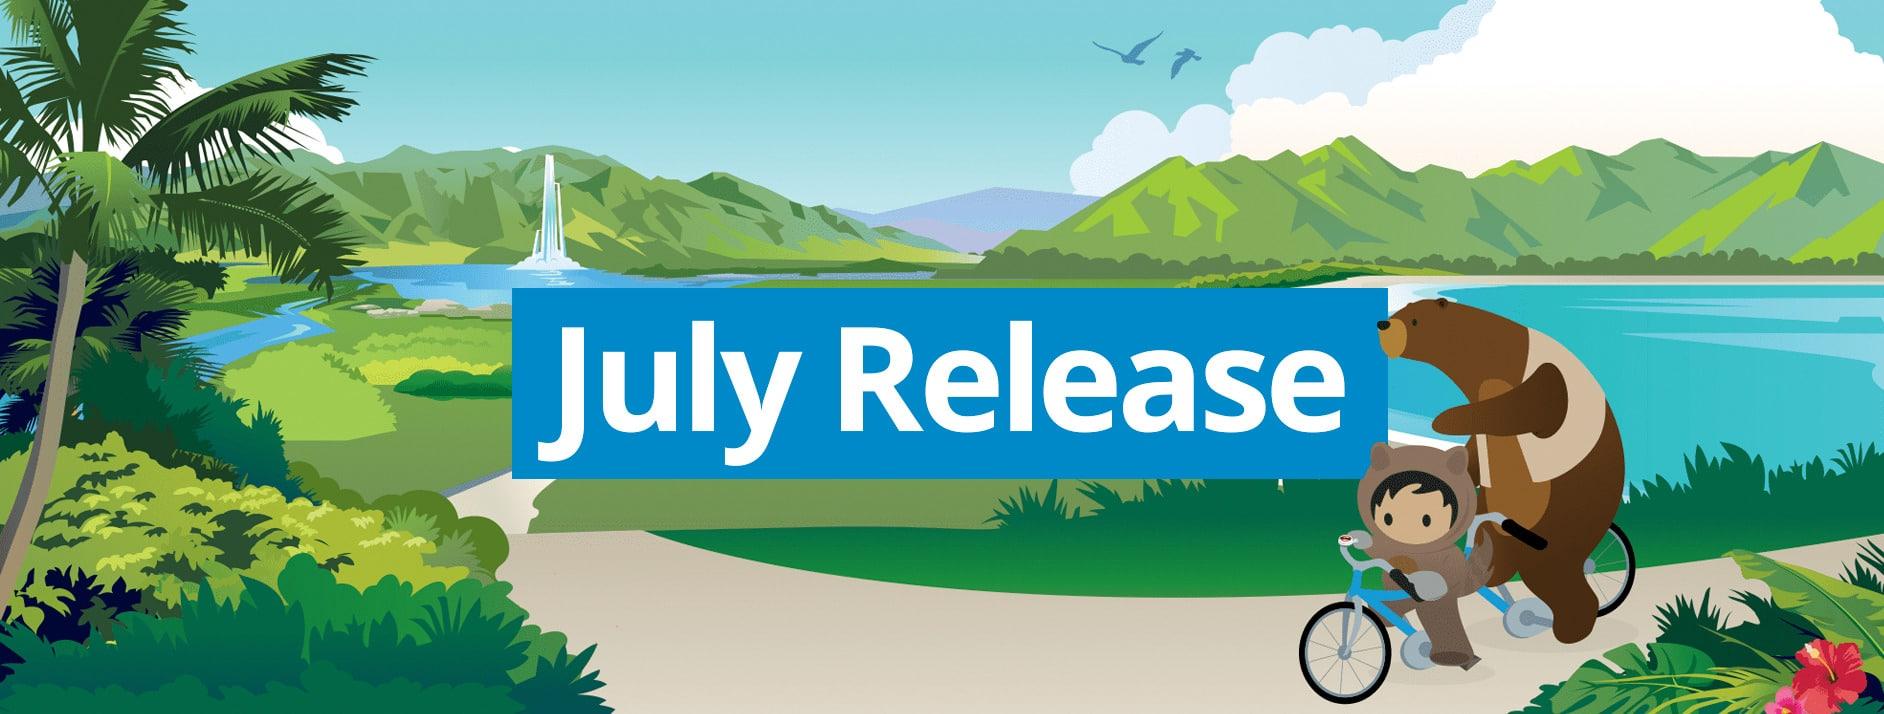 07. Release July 2020